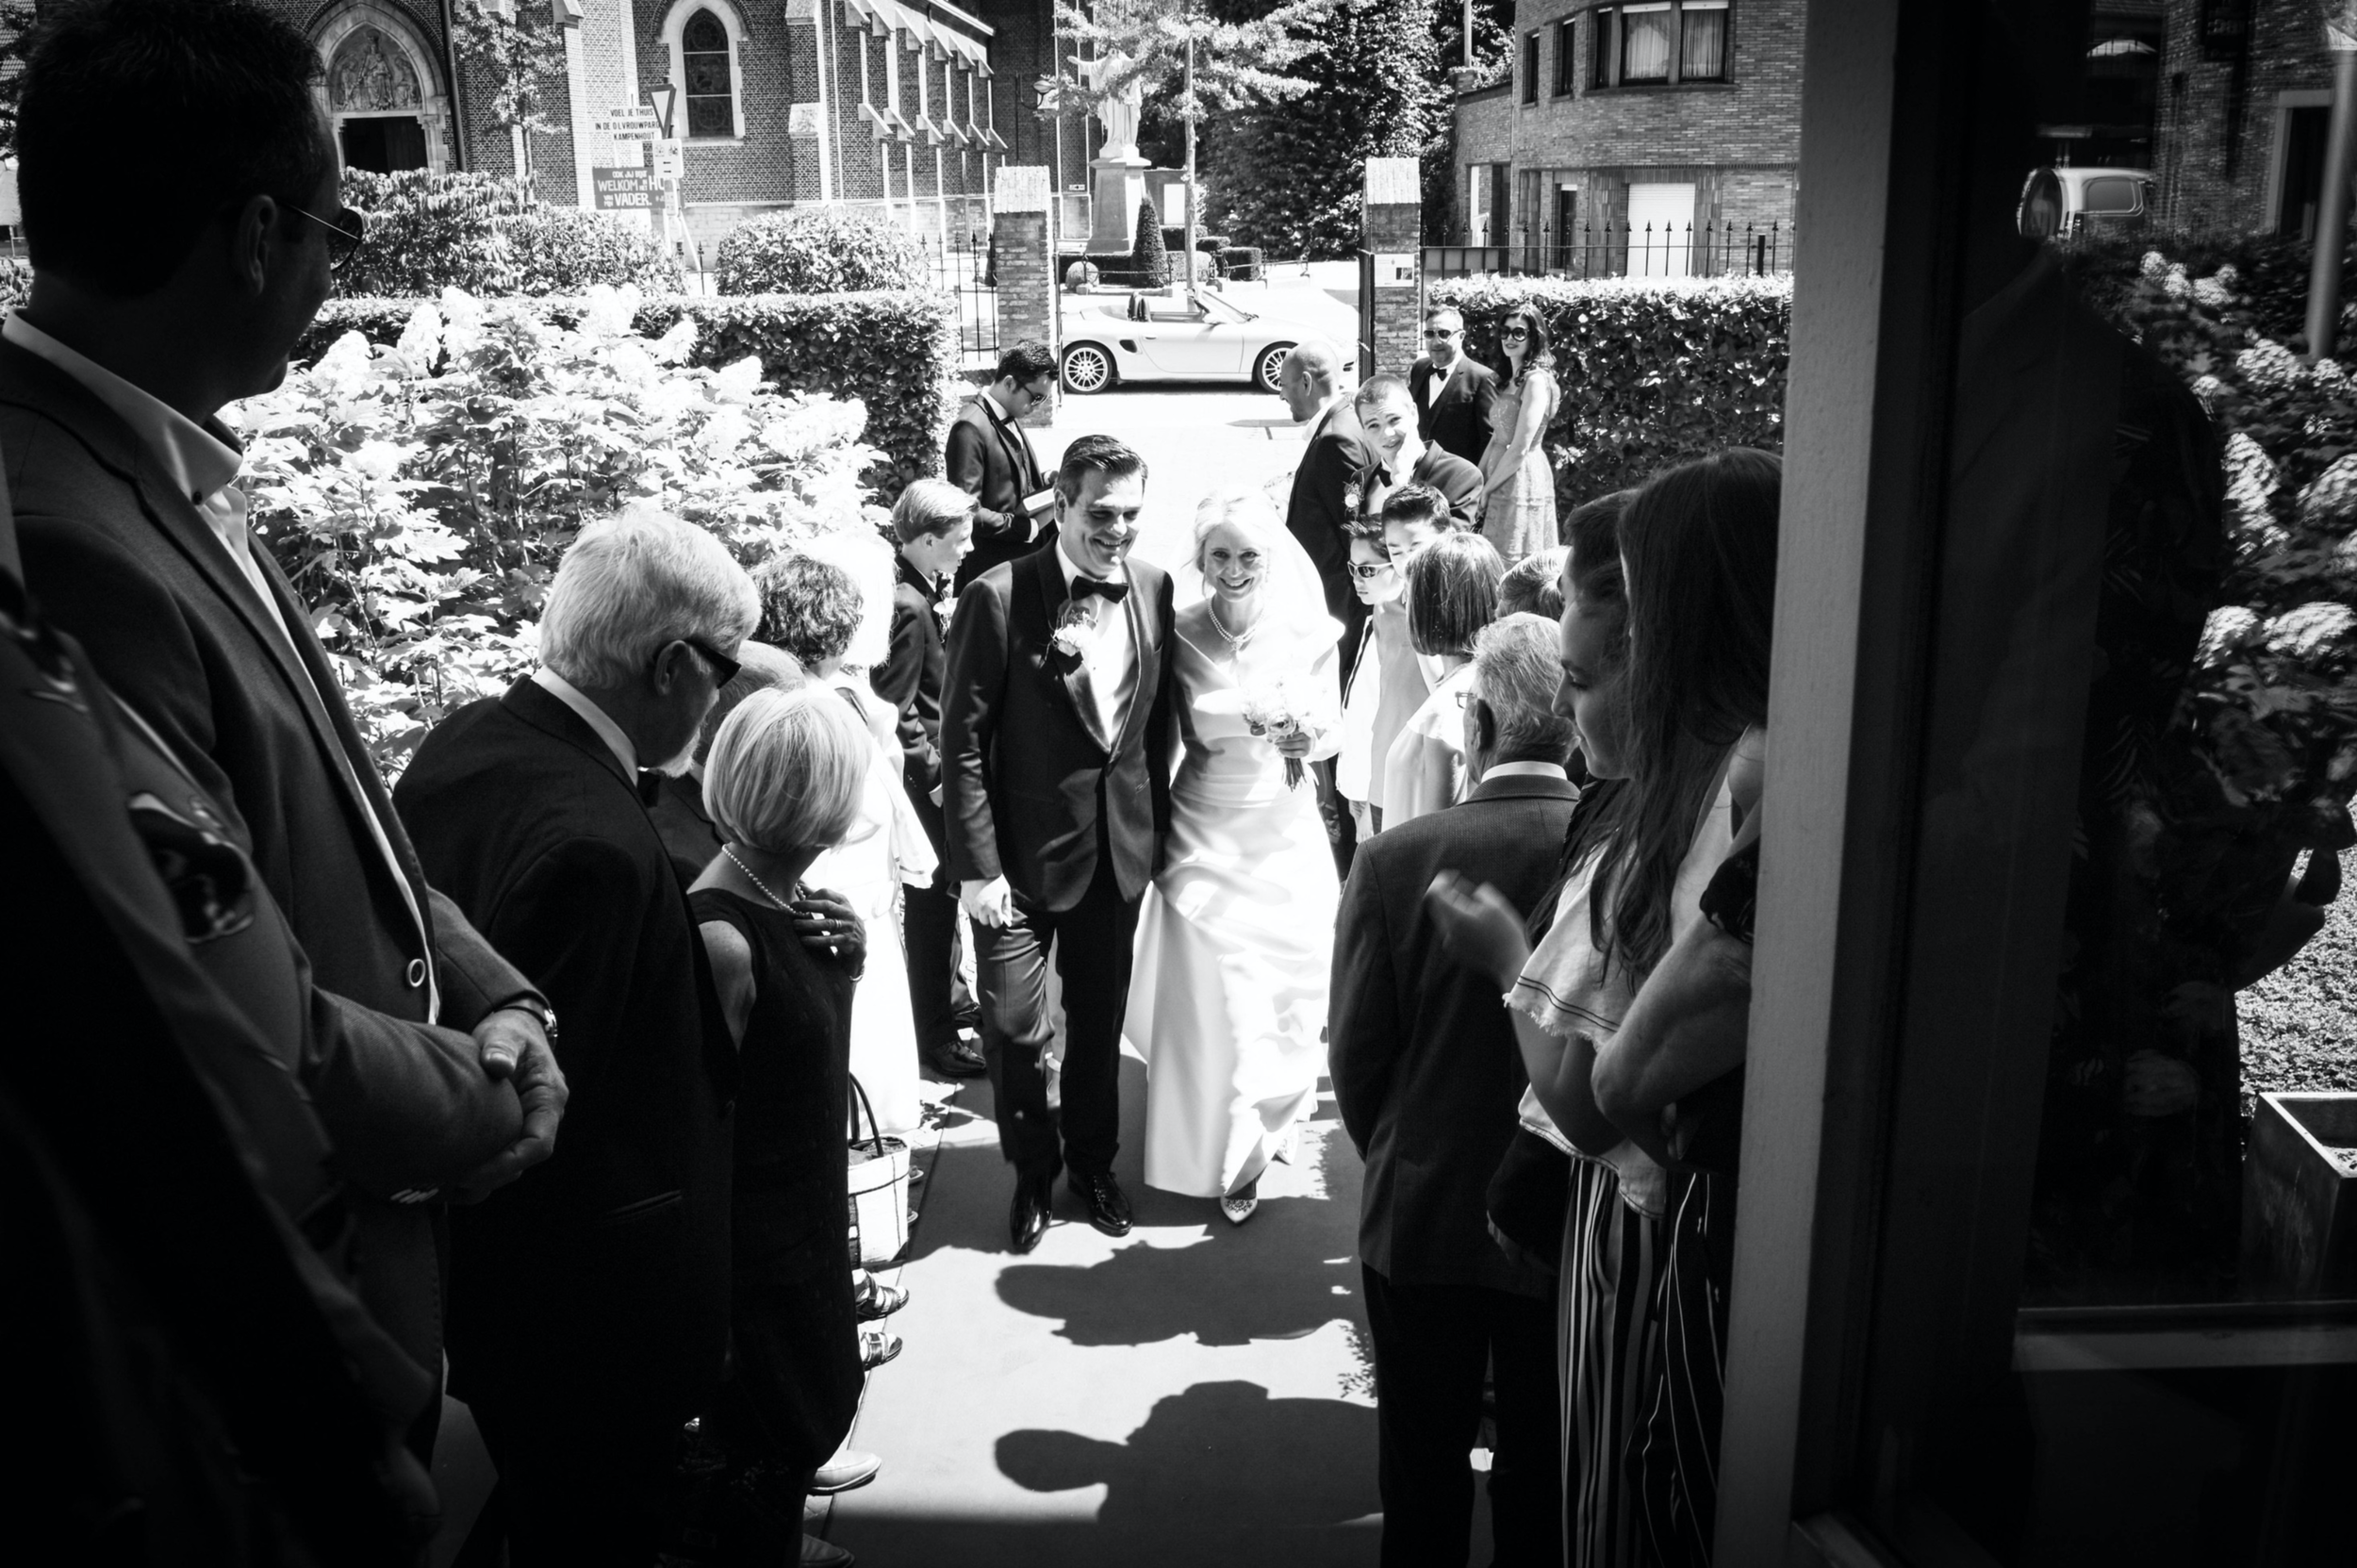 bart albrecht huwelijksfotograaf trouwfotograaf trouwen huwelijk fotografie huwelijksfotografie beste wedding weddingphotographer trouwreportage bruidsfotografie bruidsfotograaf0011.png